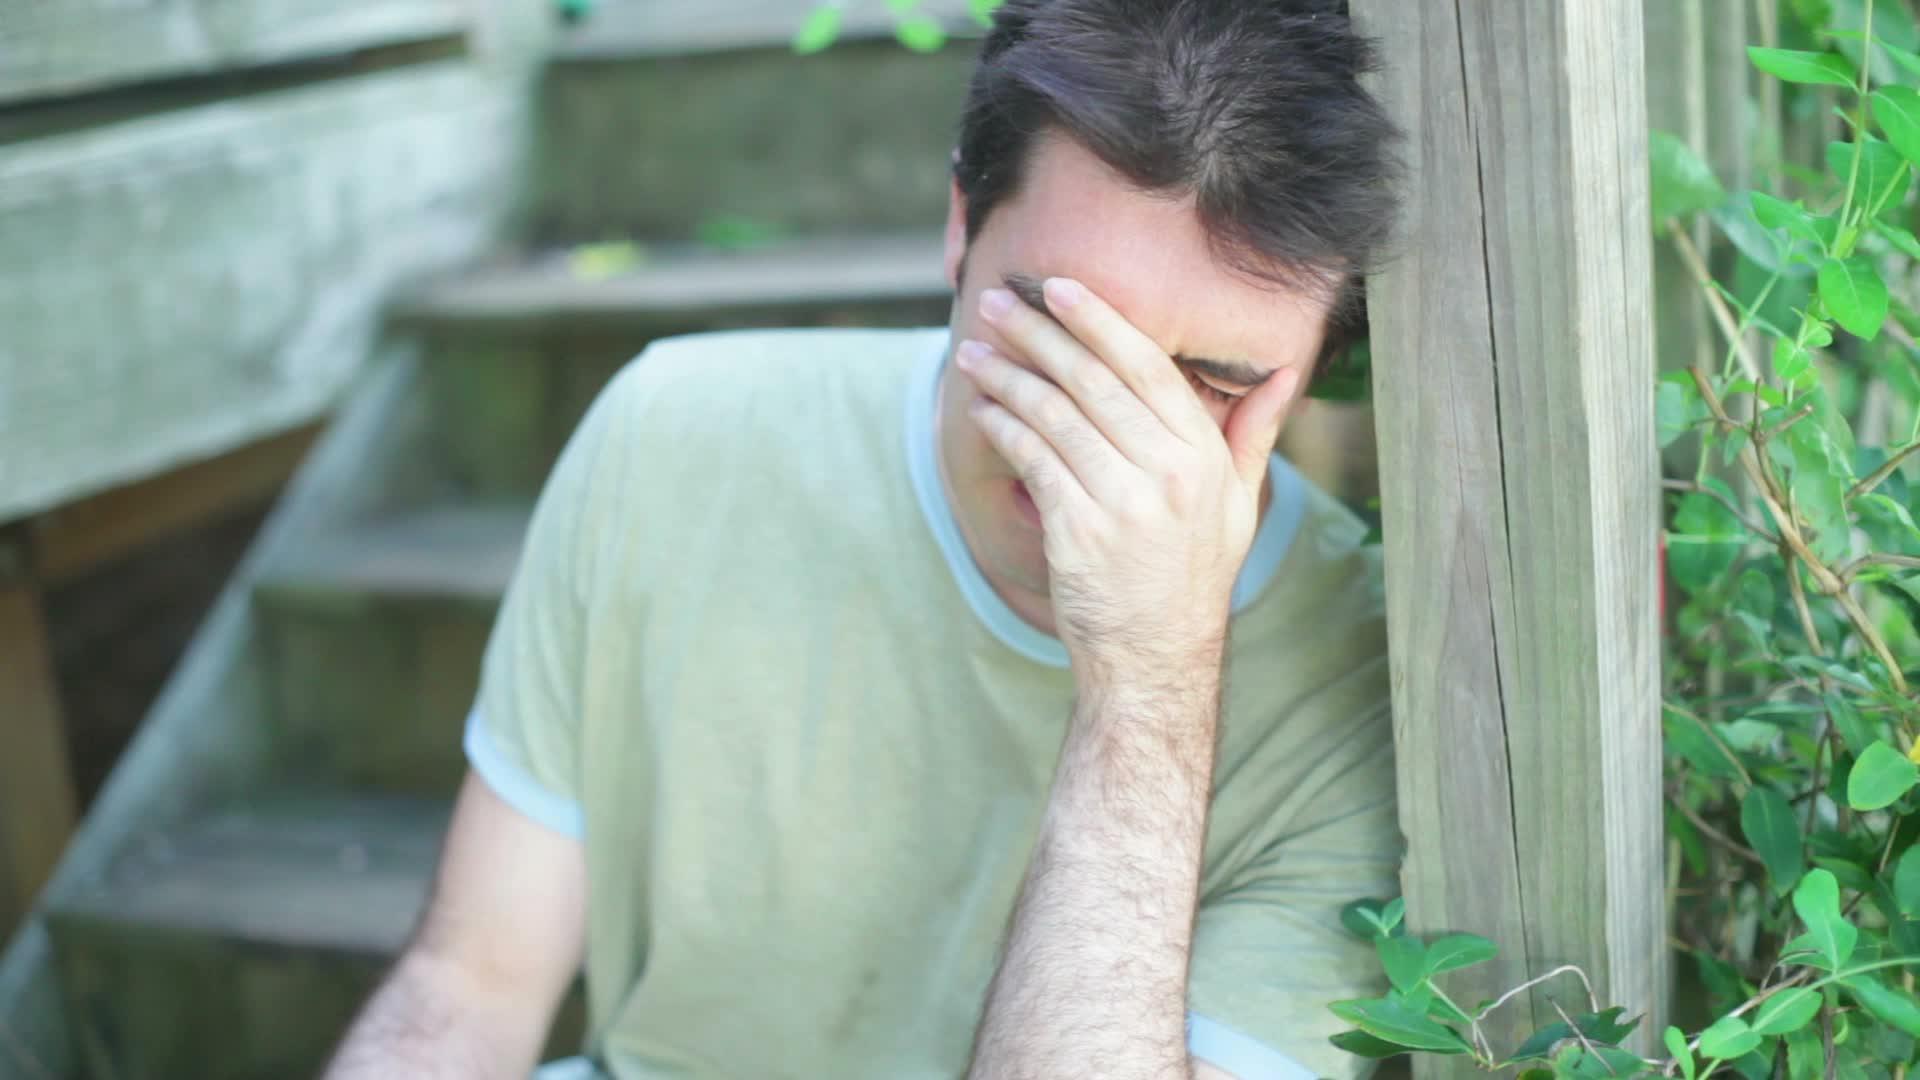 полукованные, плачущие мужчины фотосессия заказать саженцы хвойных